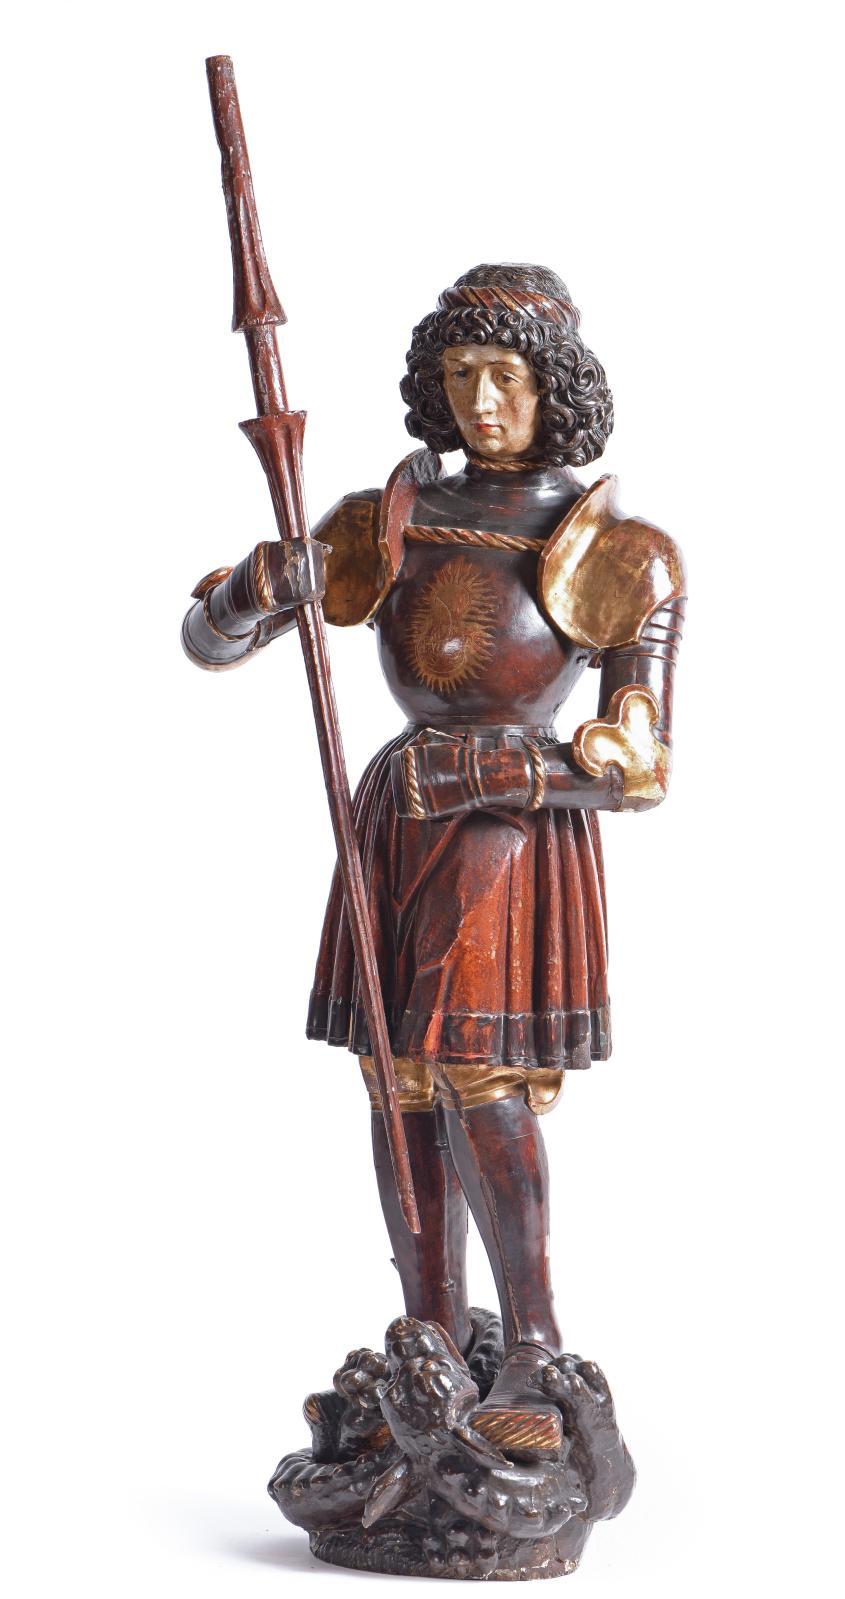 Entité primordiale dans la hiérarchie des saints, l'archange saint Michel est apparu sous la forme d'une sculpture en ronde bosse, en bois